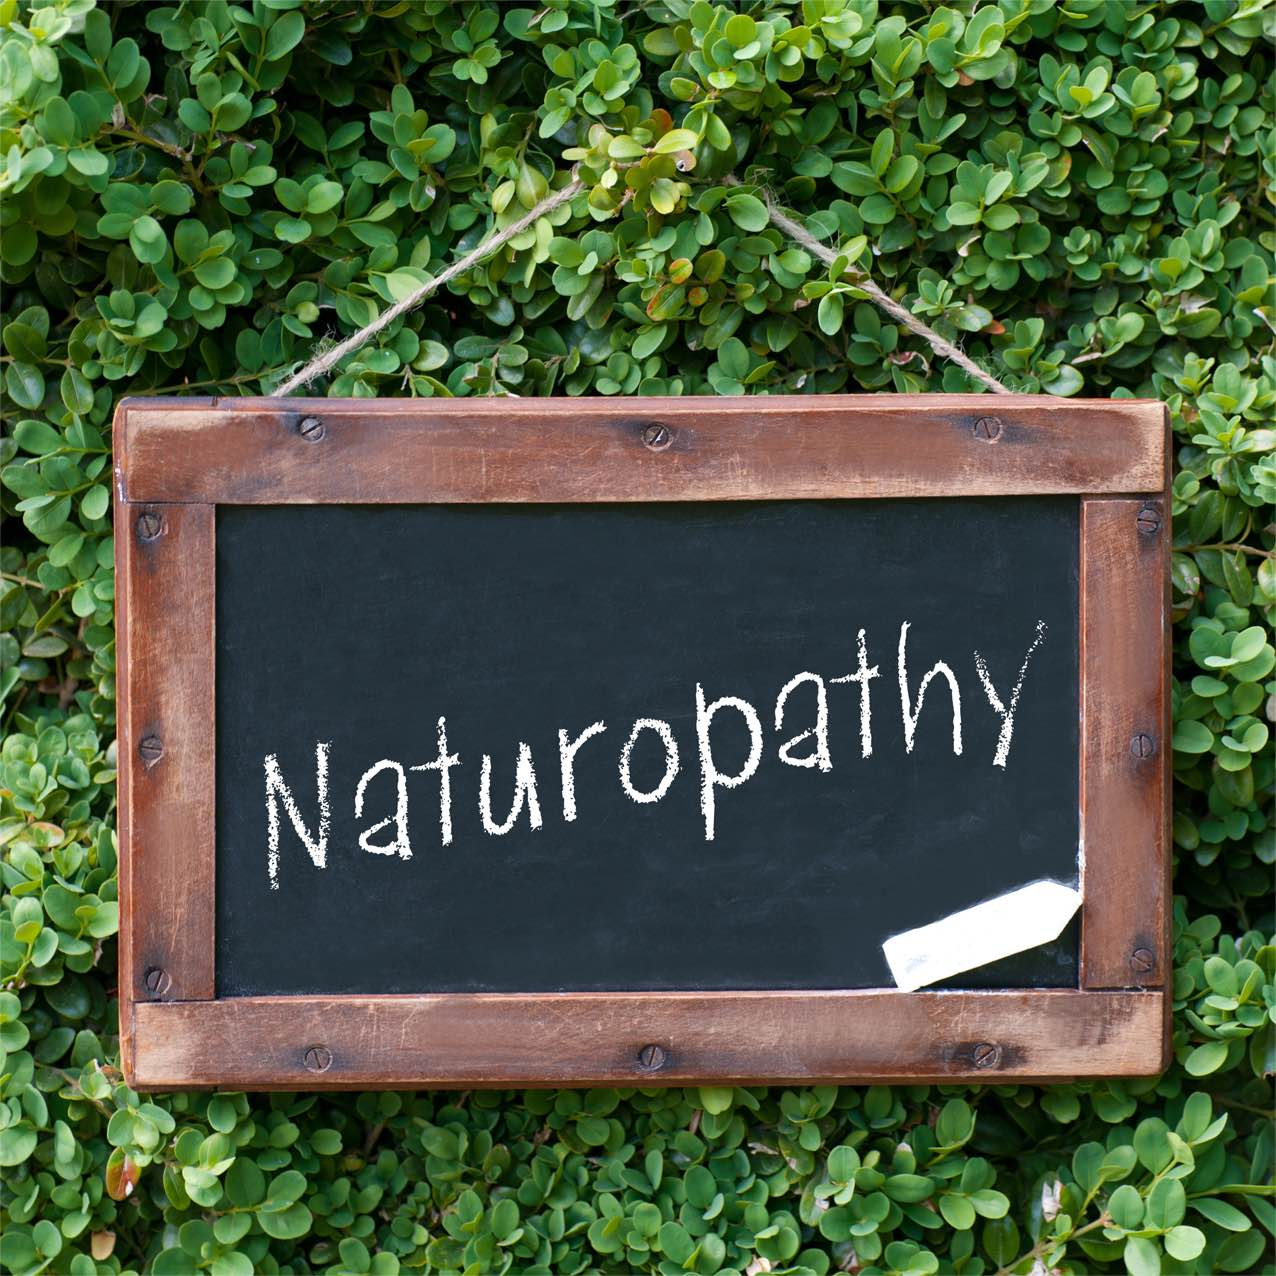 naturopathy